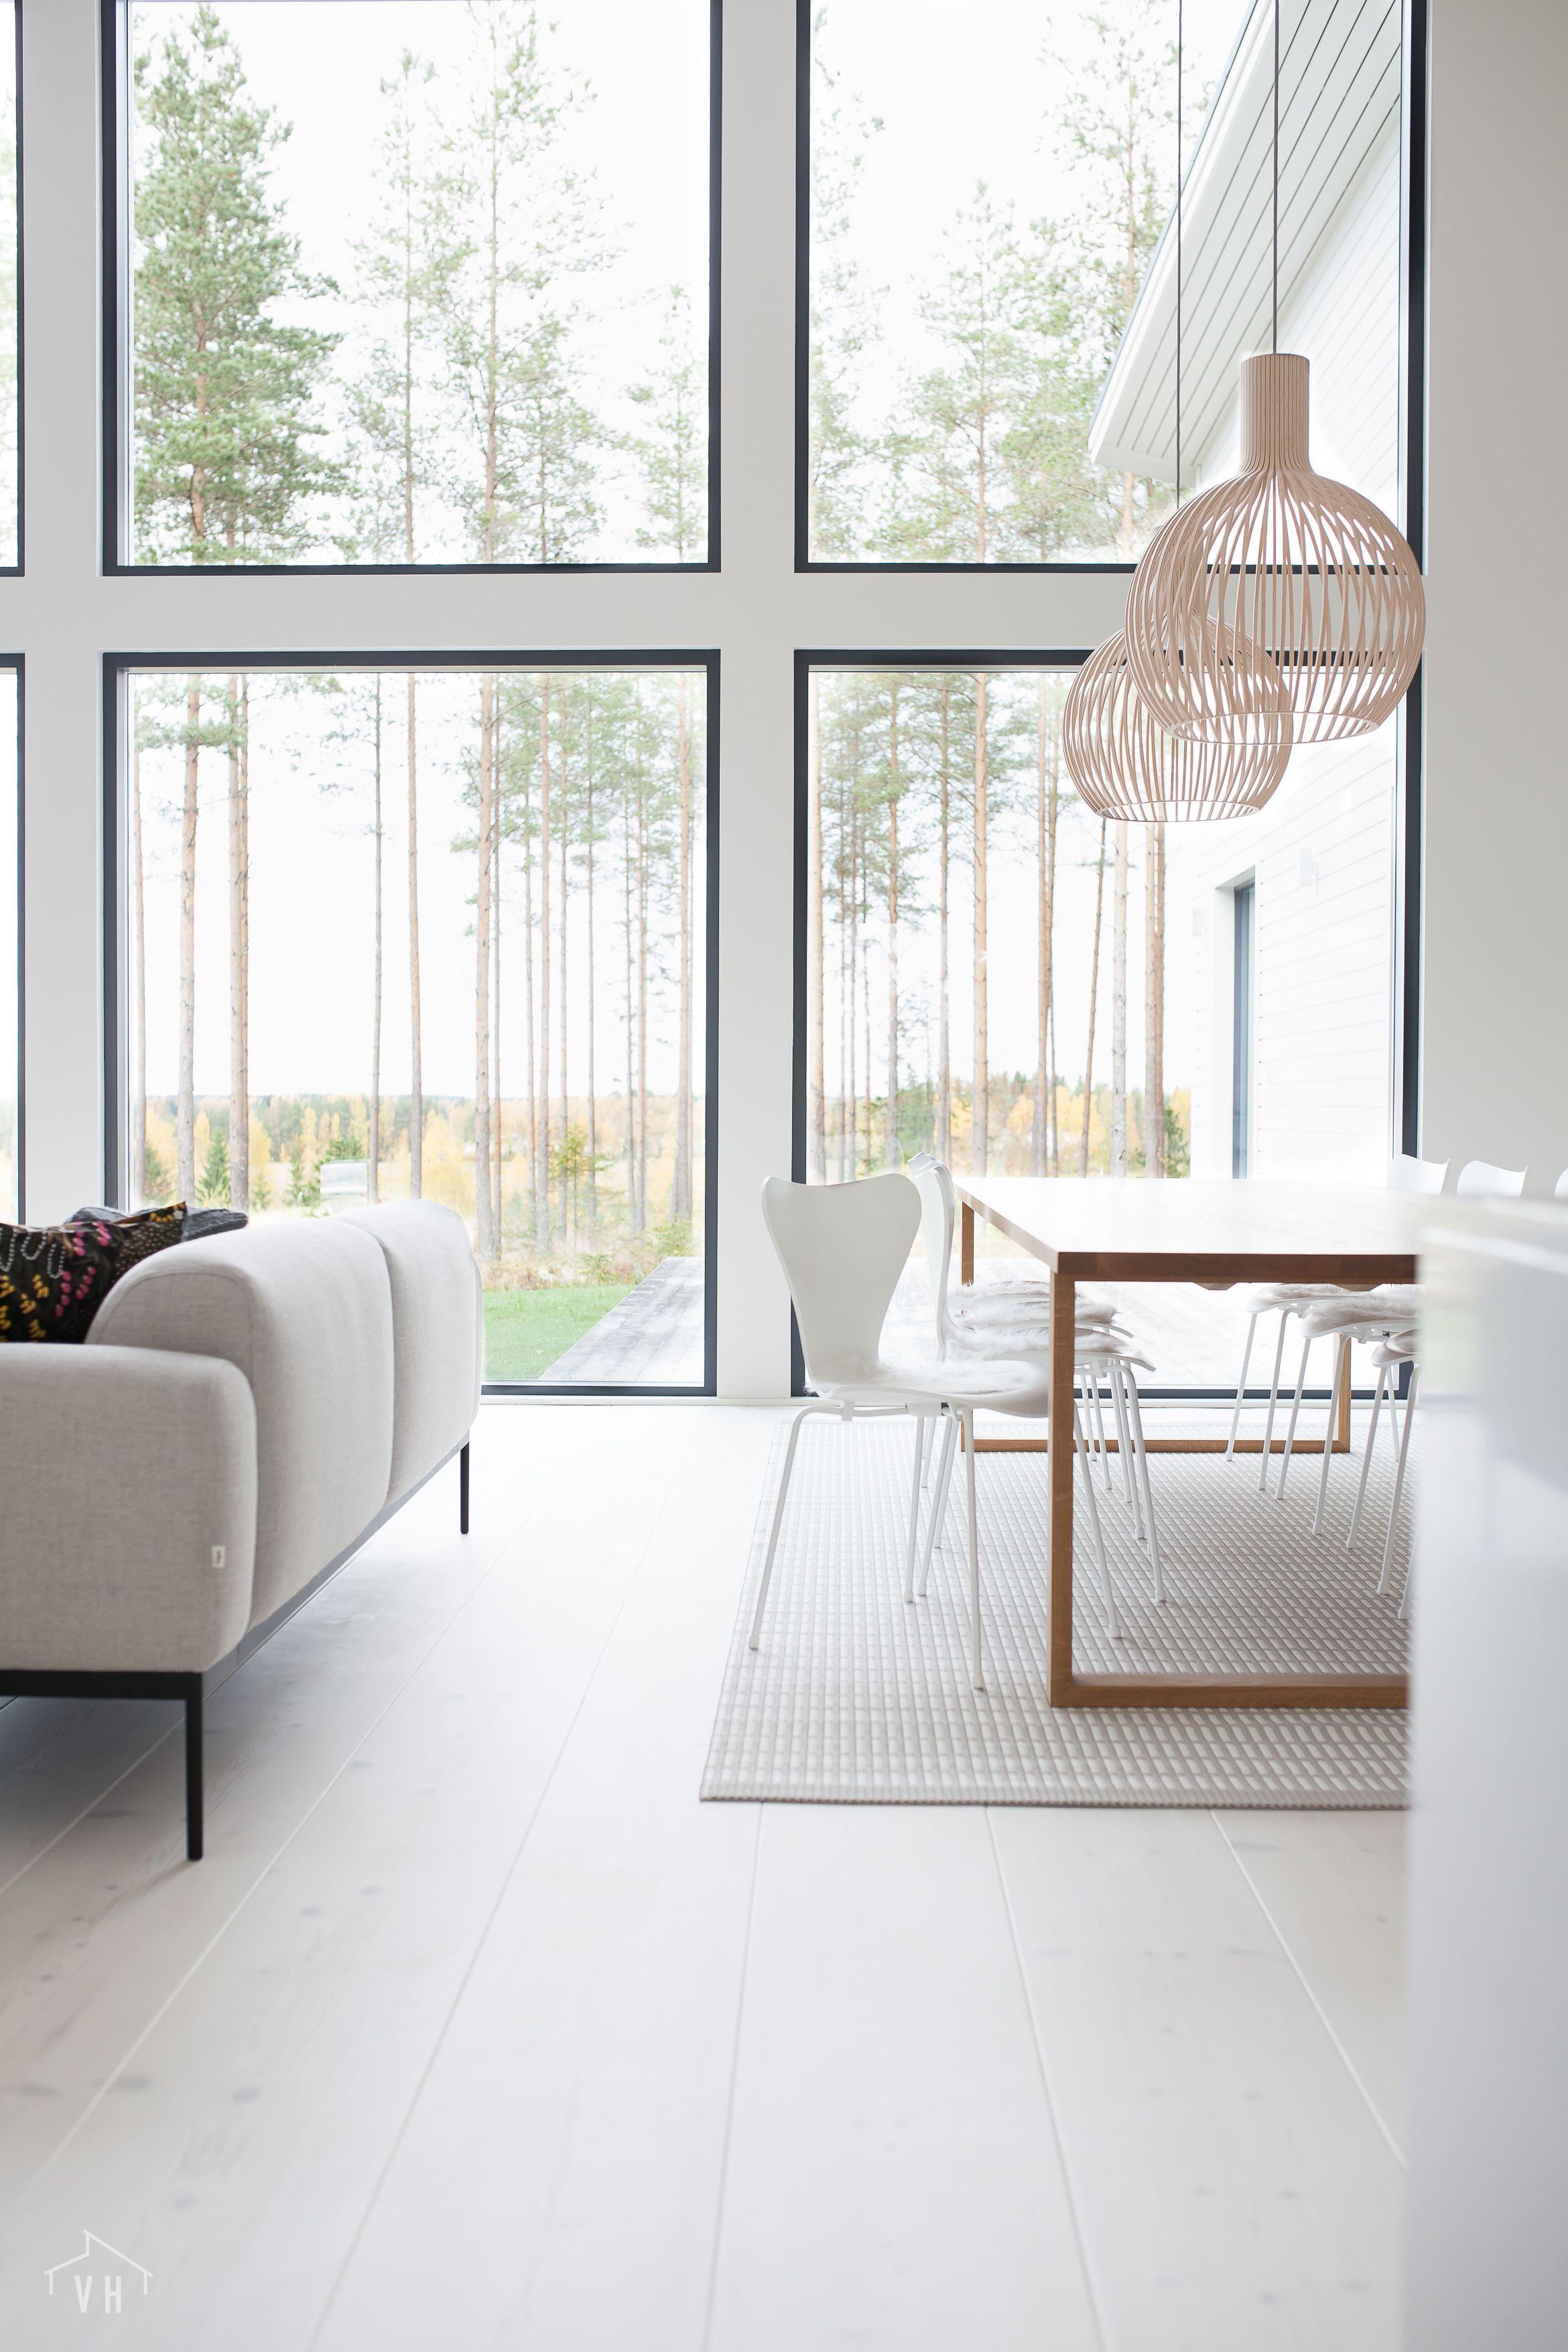 Harmaja Honkain Keskella Carpet Dining Room House Interior